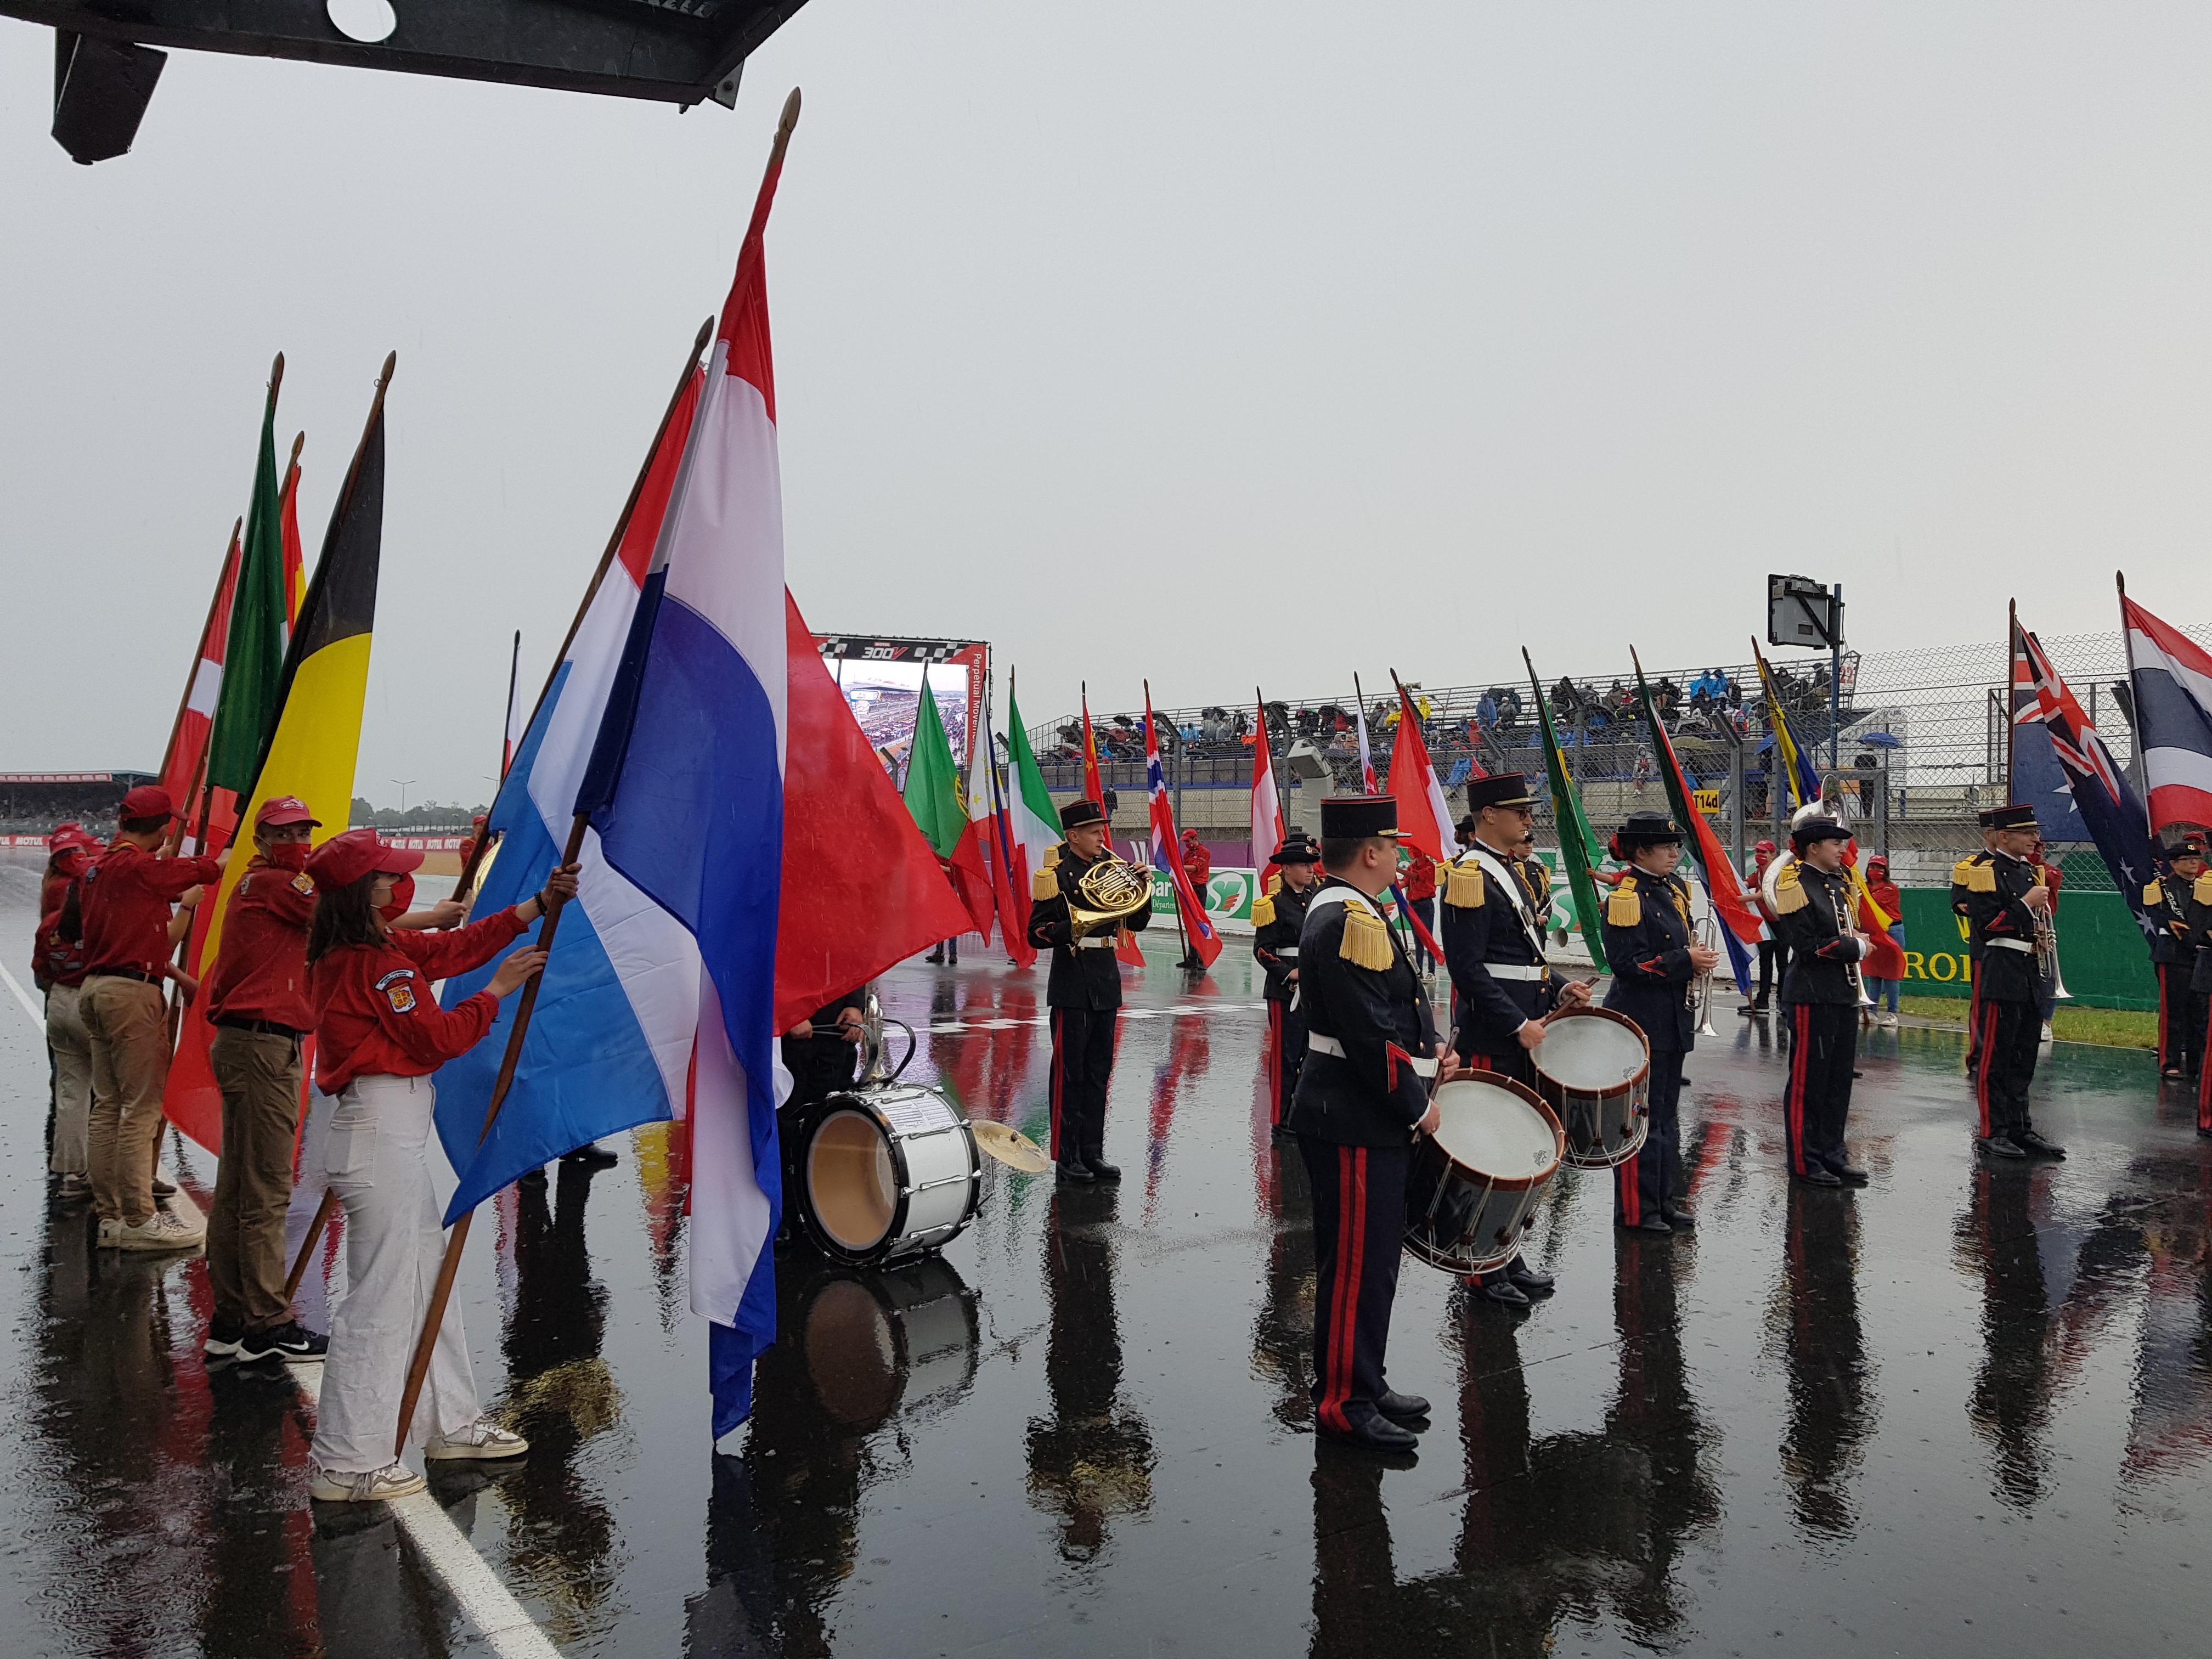 Les Drapeaux portés par les Scouts [3]